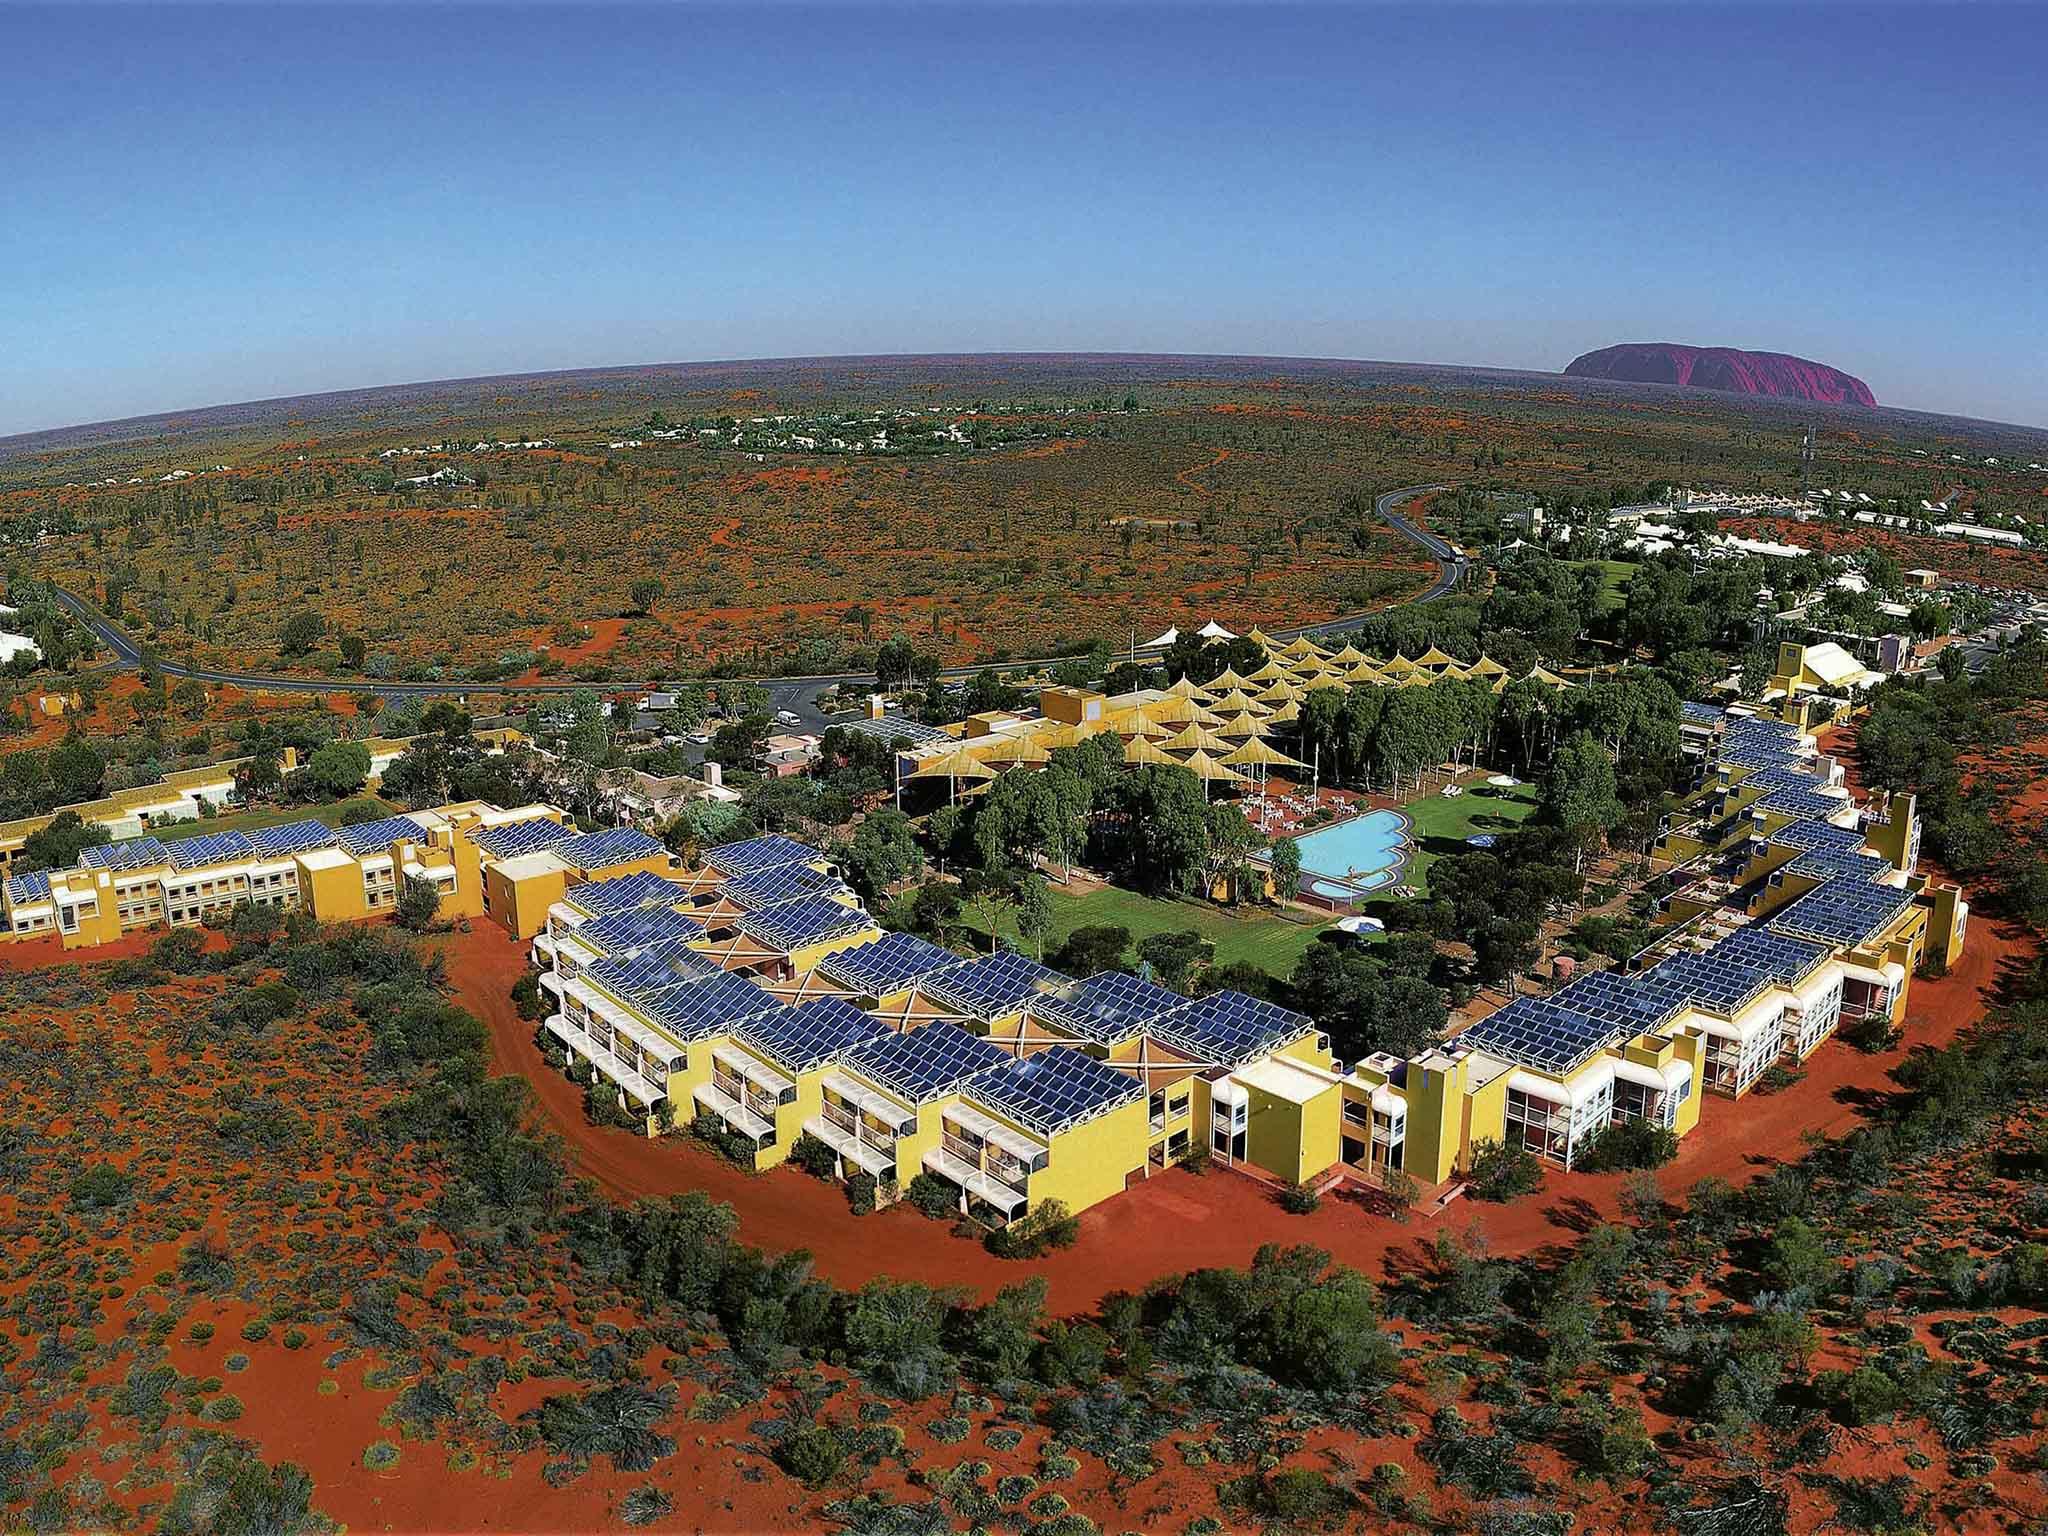 Hotel - Desert Gardens - A member of Novotel Hotels